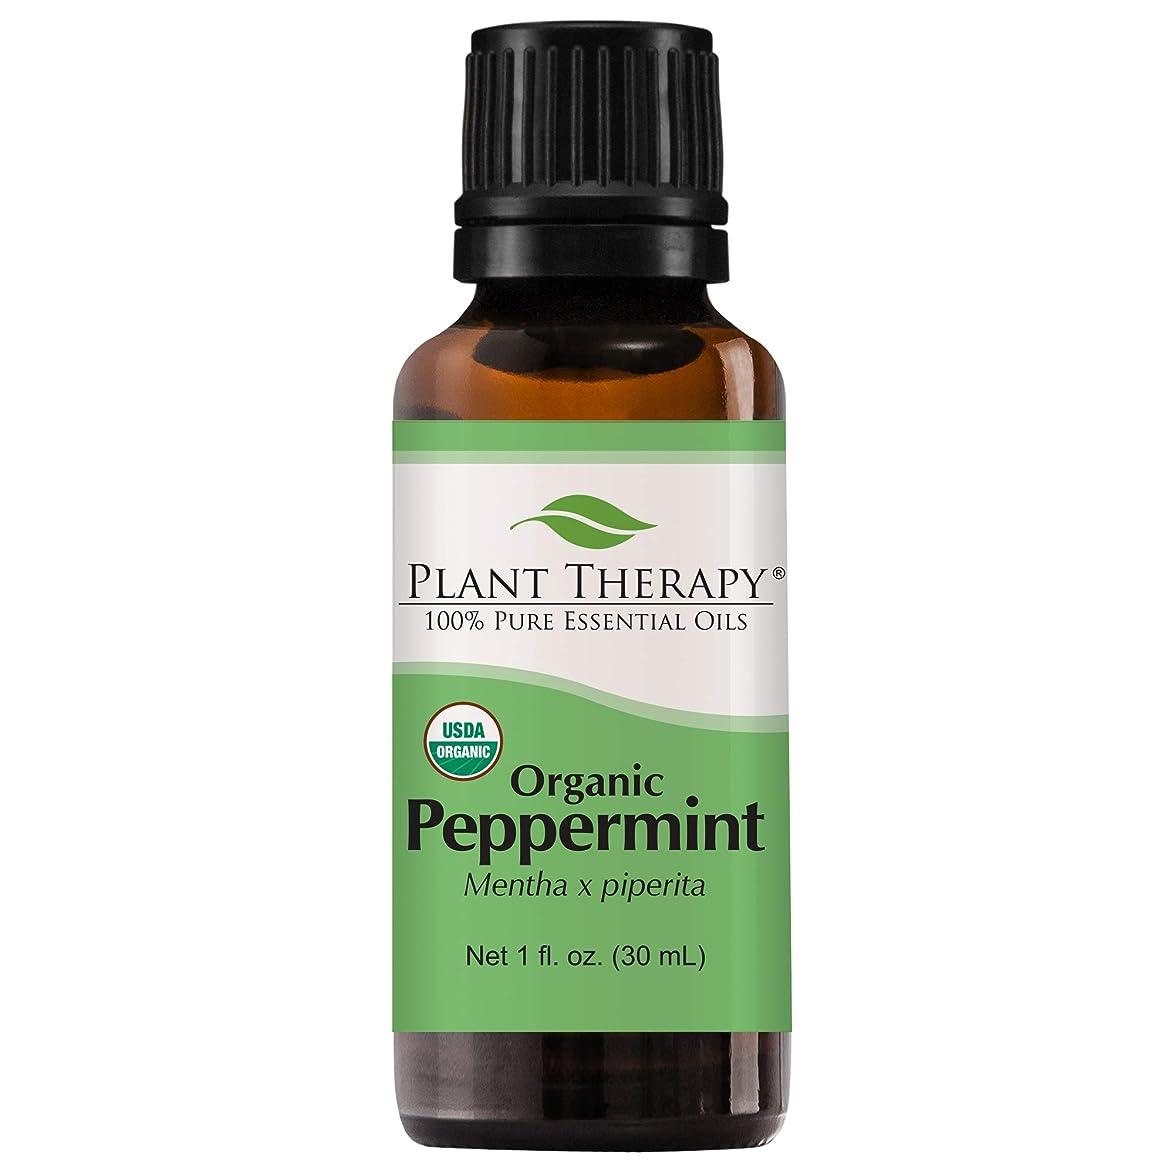 生き返らせる受賞非常に怒っています植物セラピーUSDA認定オーガニックペパーミントエッセンシャルオイル。 100%ピュア、希釈していない、治療グレード。 30mLの(1オンス)。